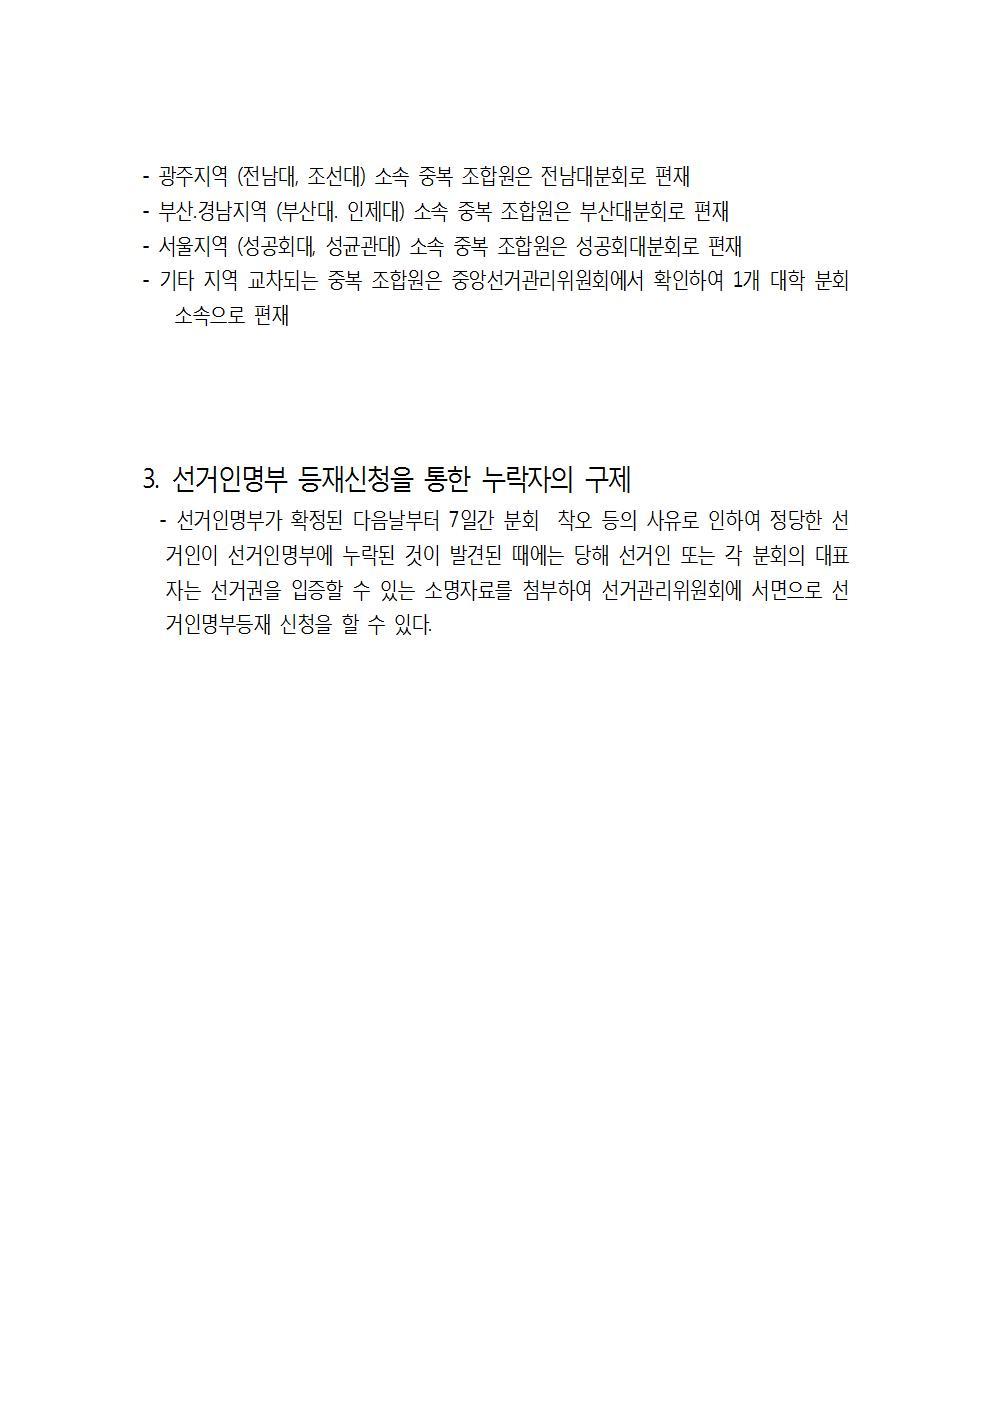 한국비정규교수노동조합 제20기 위원장 선거 jpg007.jpg